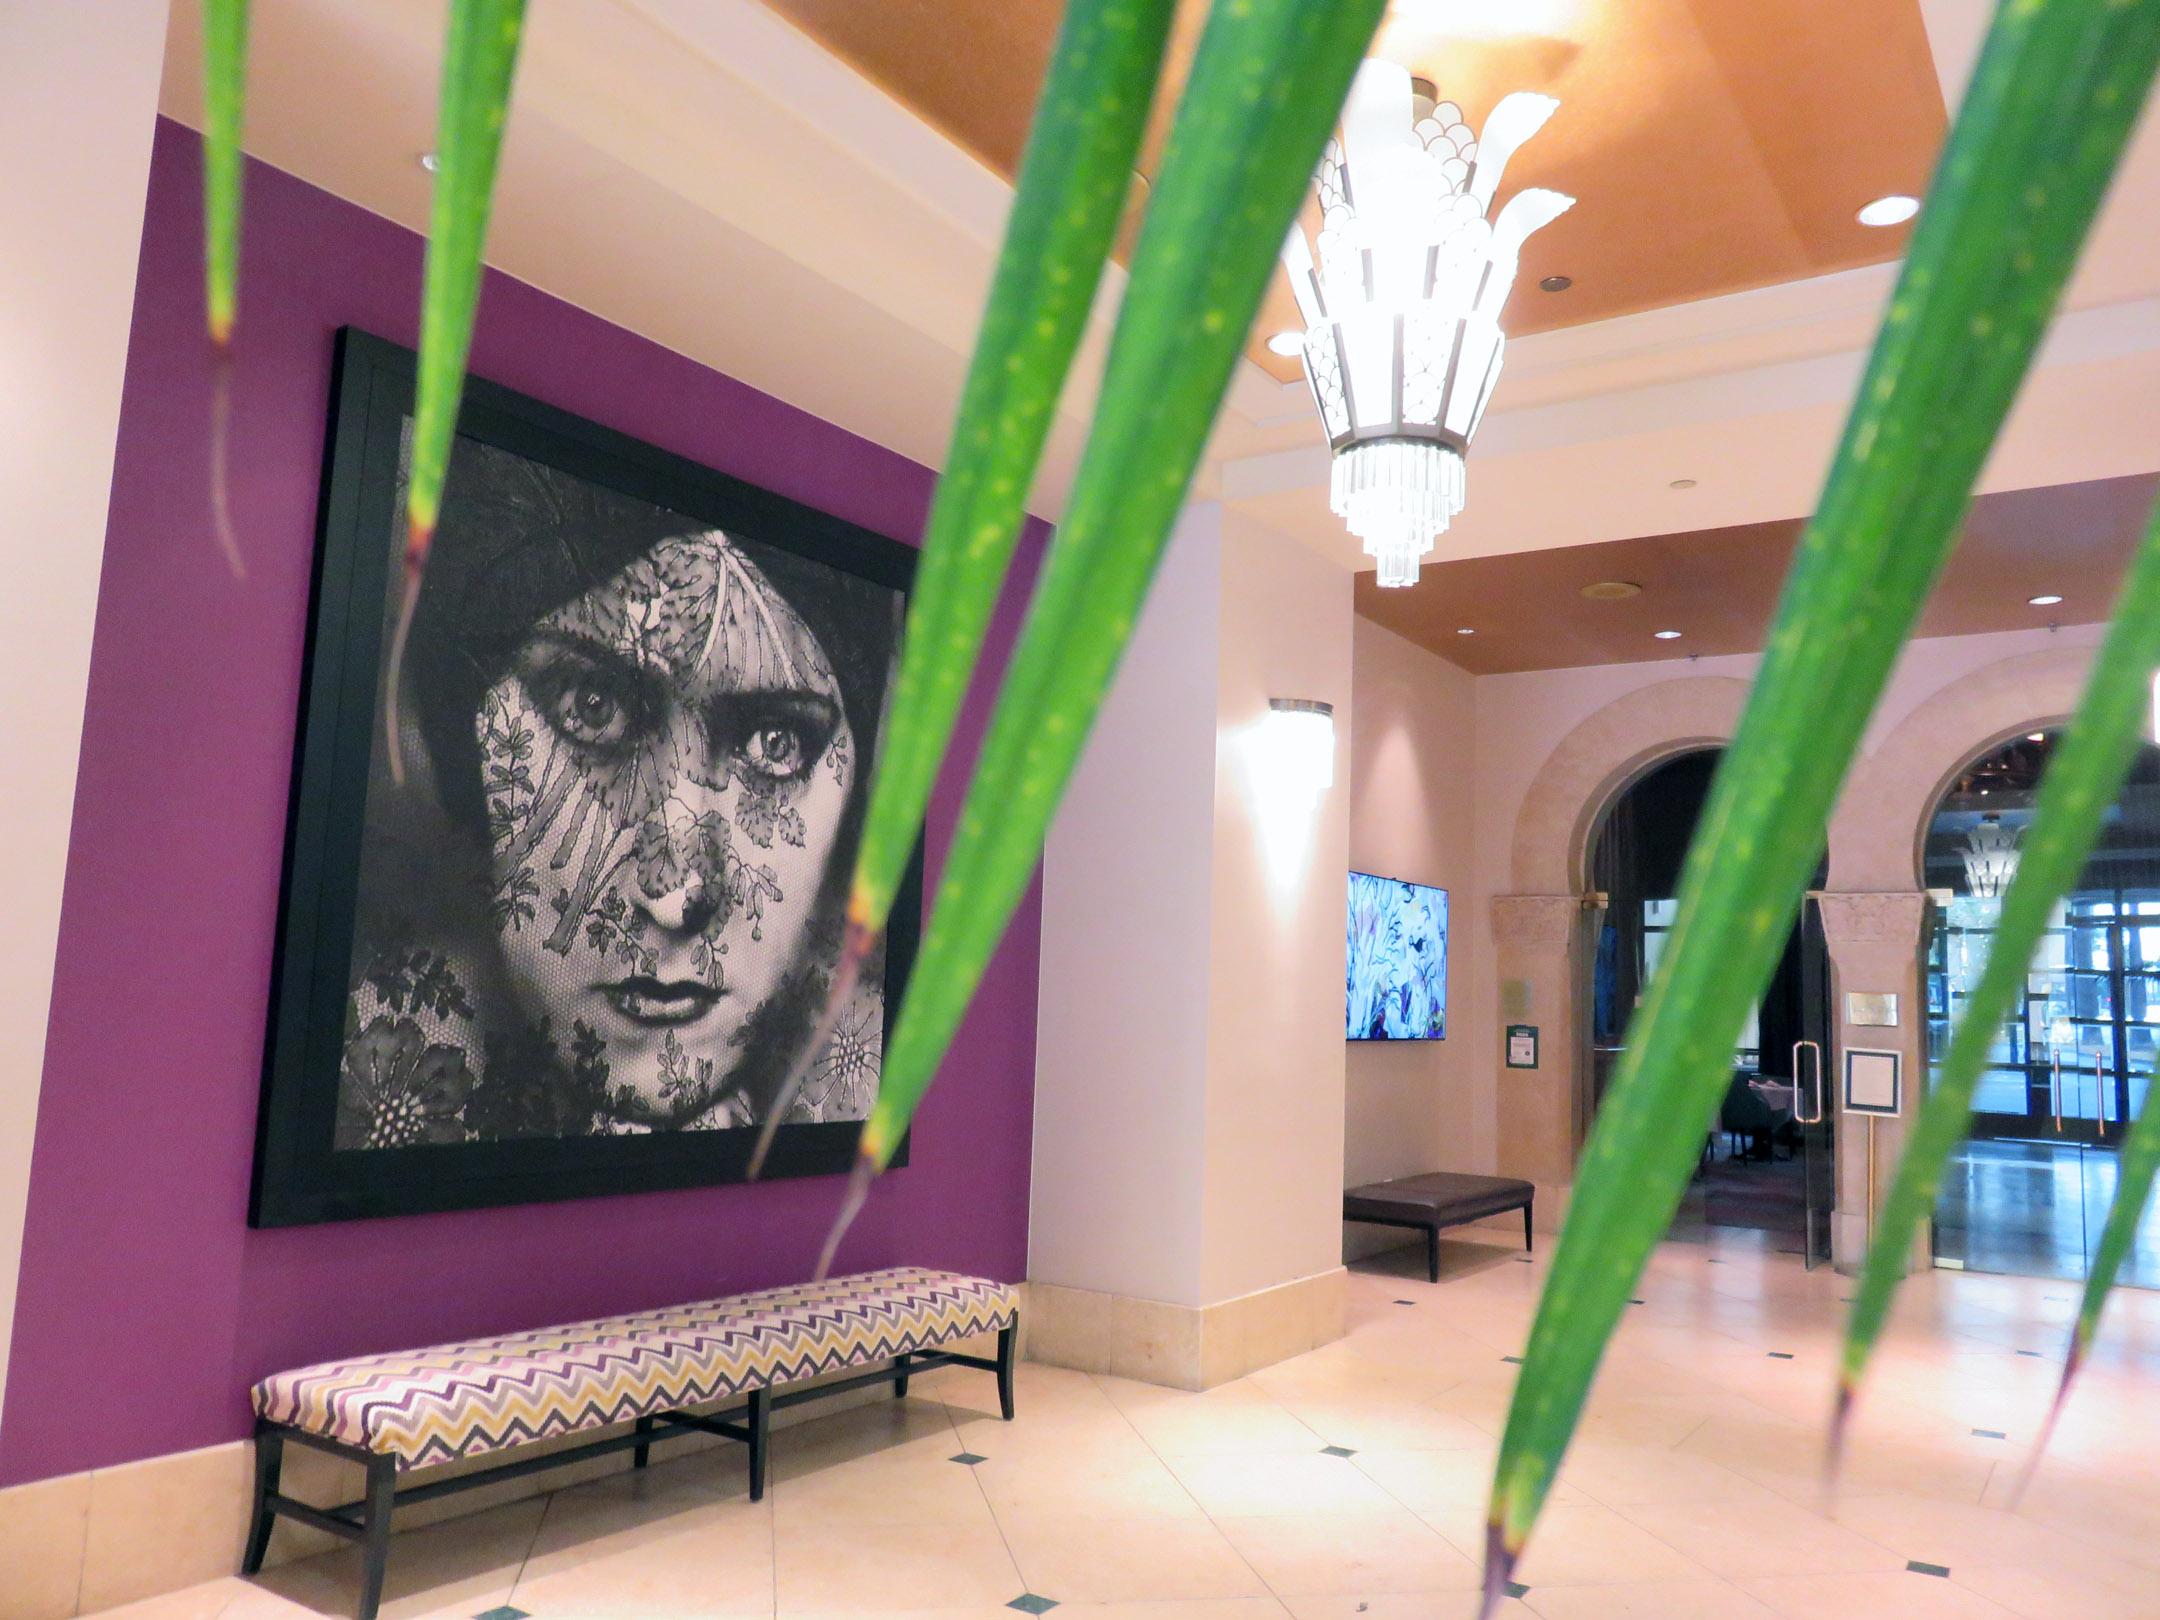 2. Hotel De Anza lobby